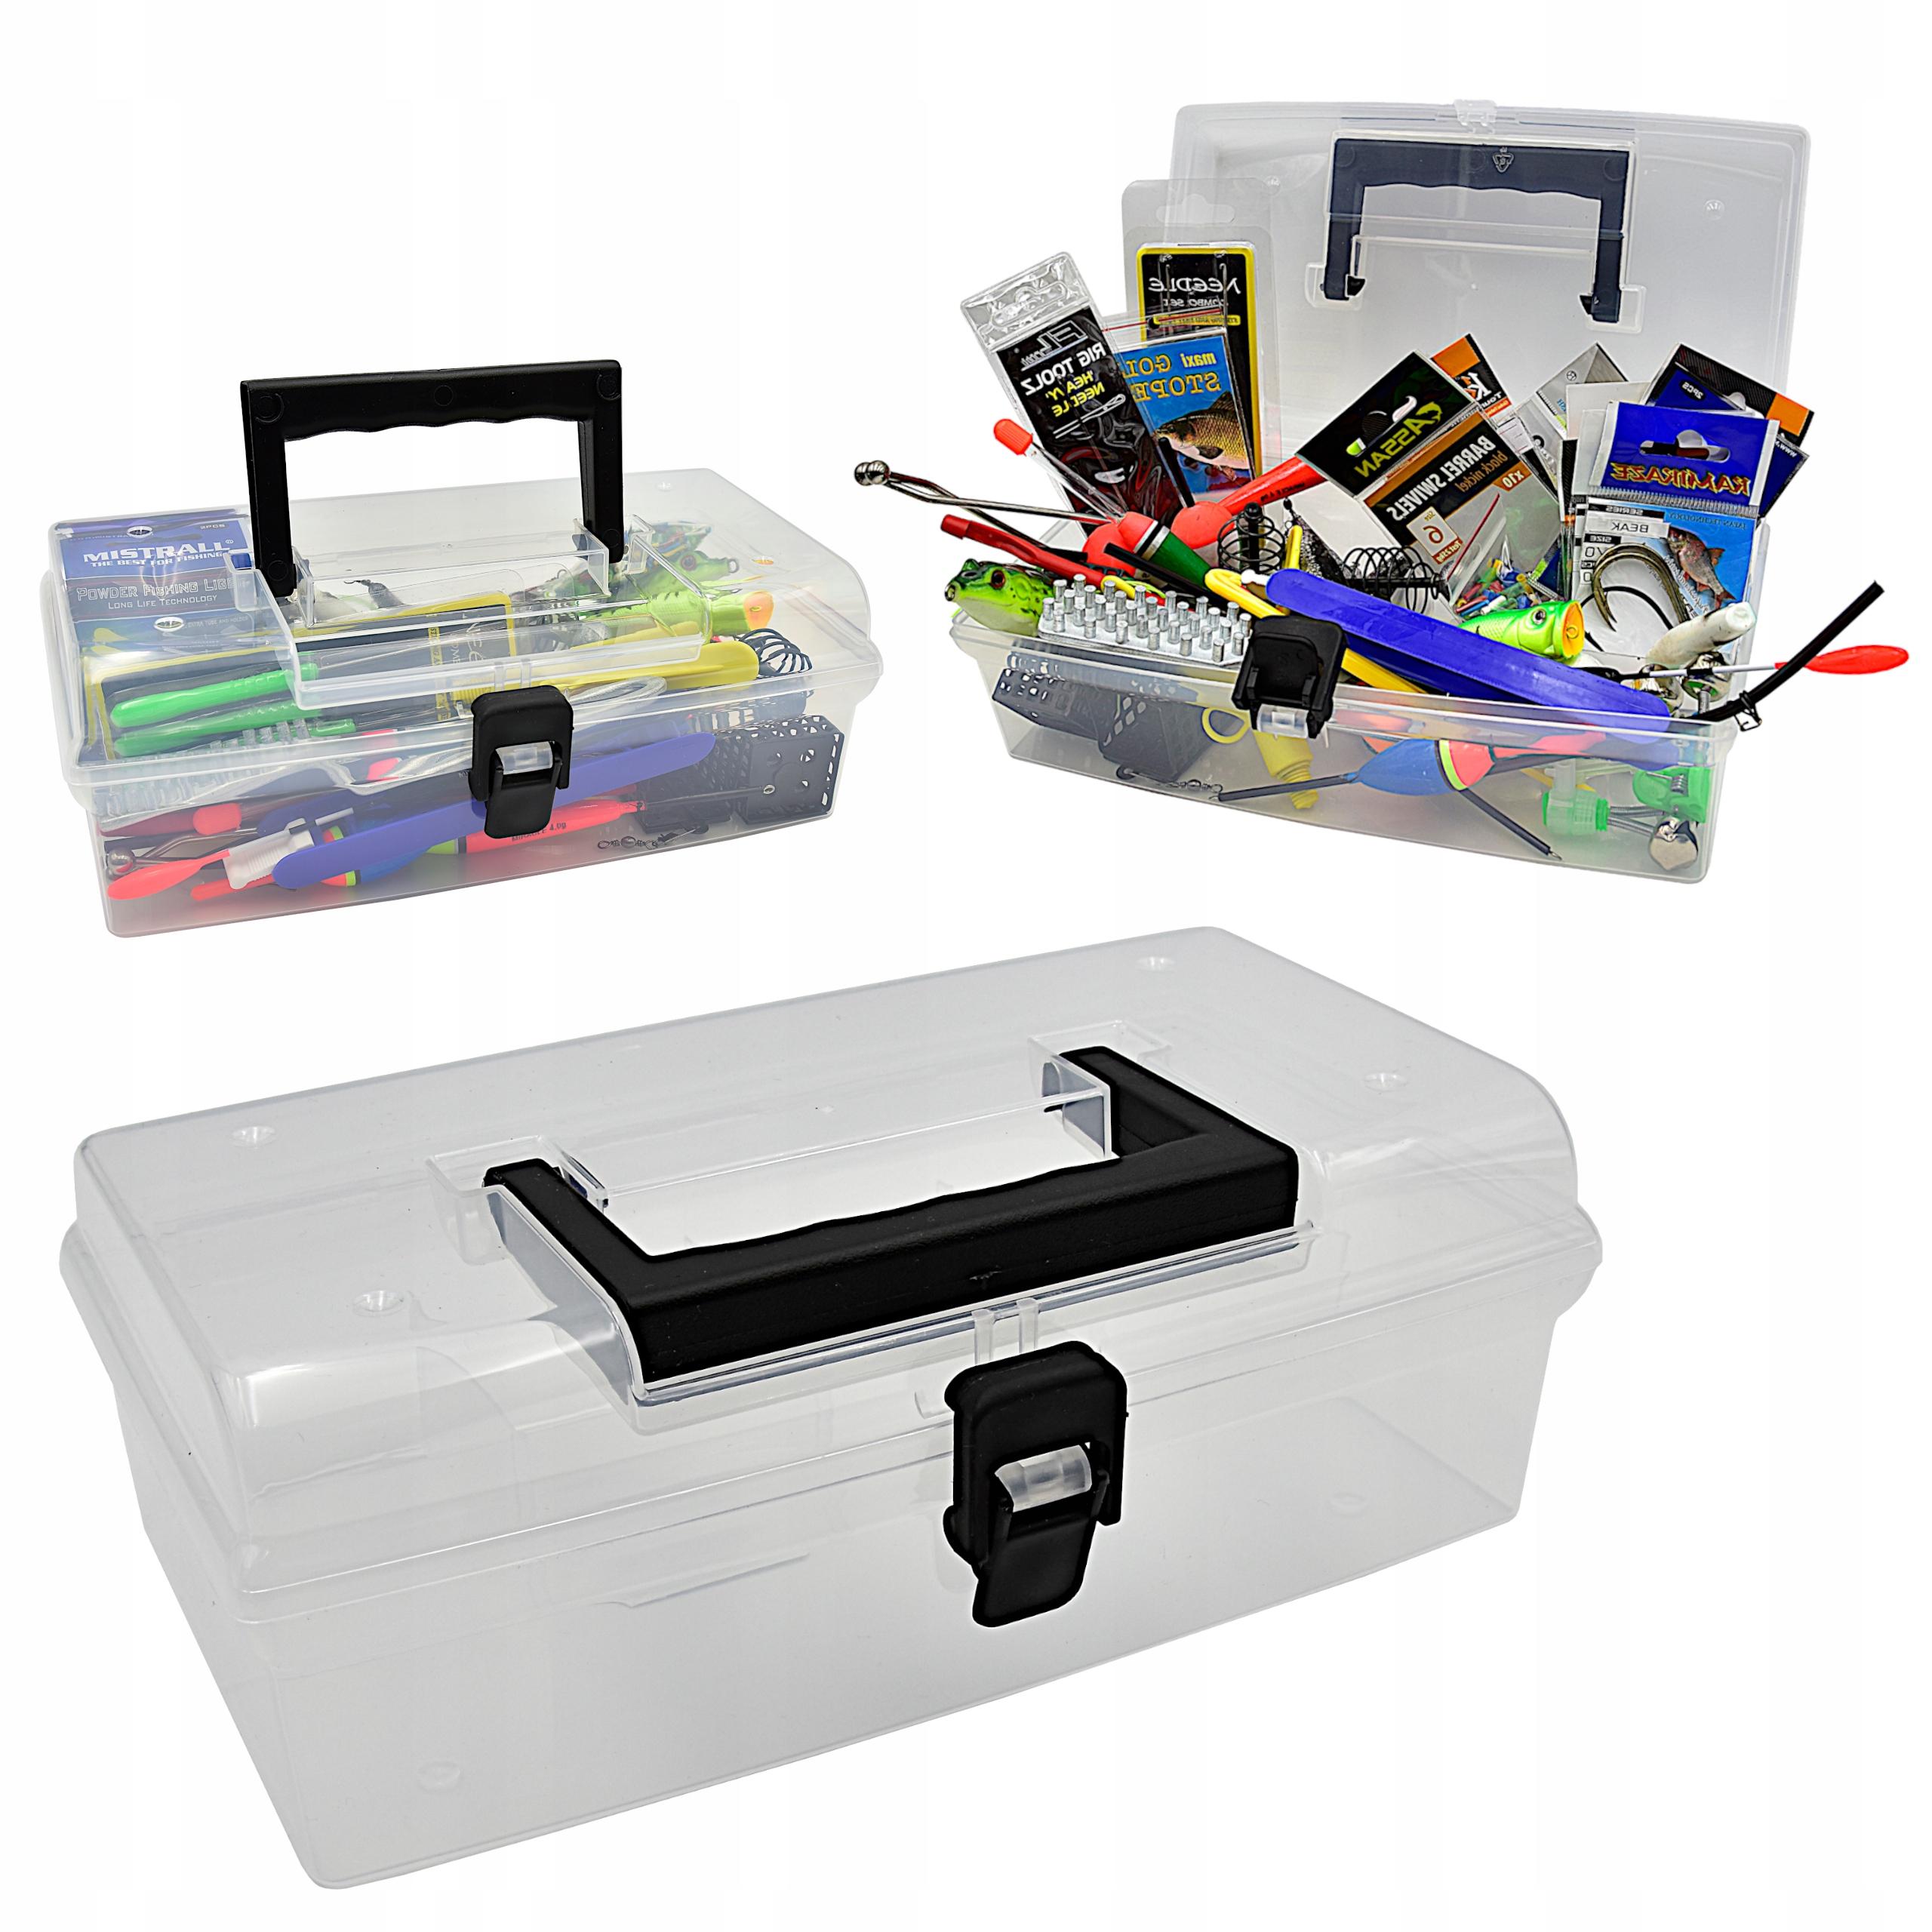 SKRZYNKA wędkarska pudełko organizer NA AKCESORIA